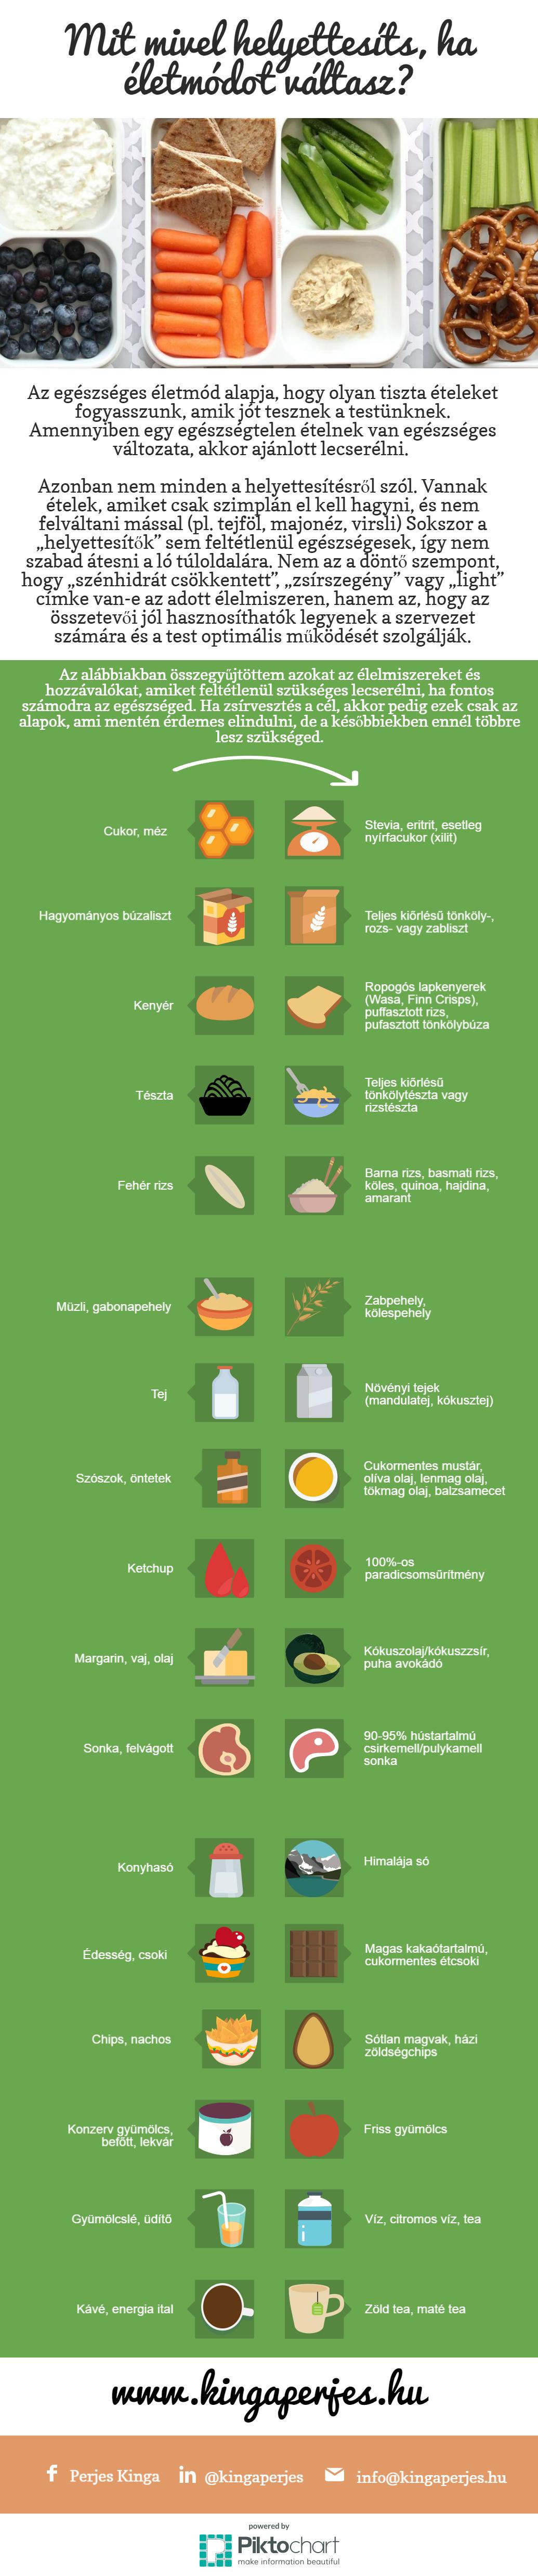 14 napos zsírcsökkentő és méregtelenítő diéta